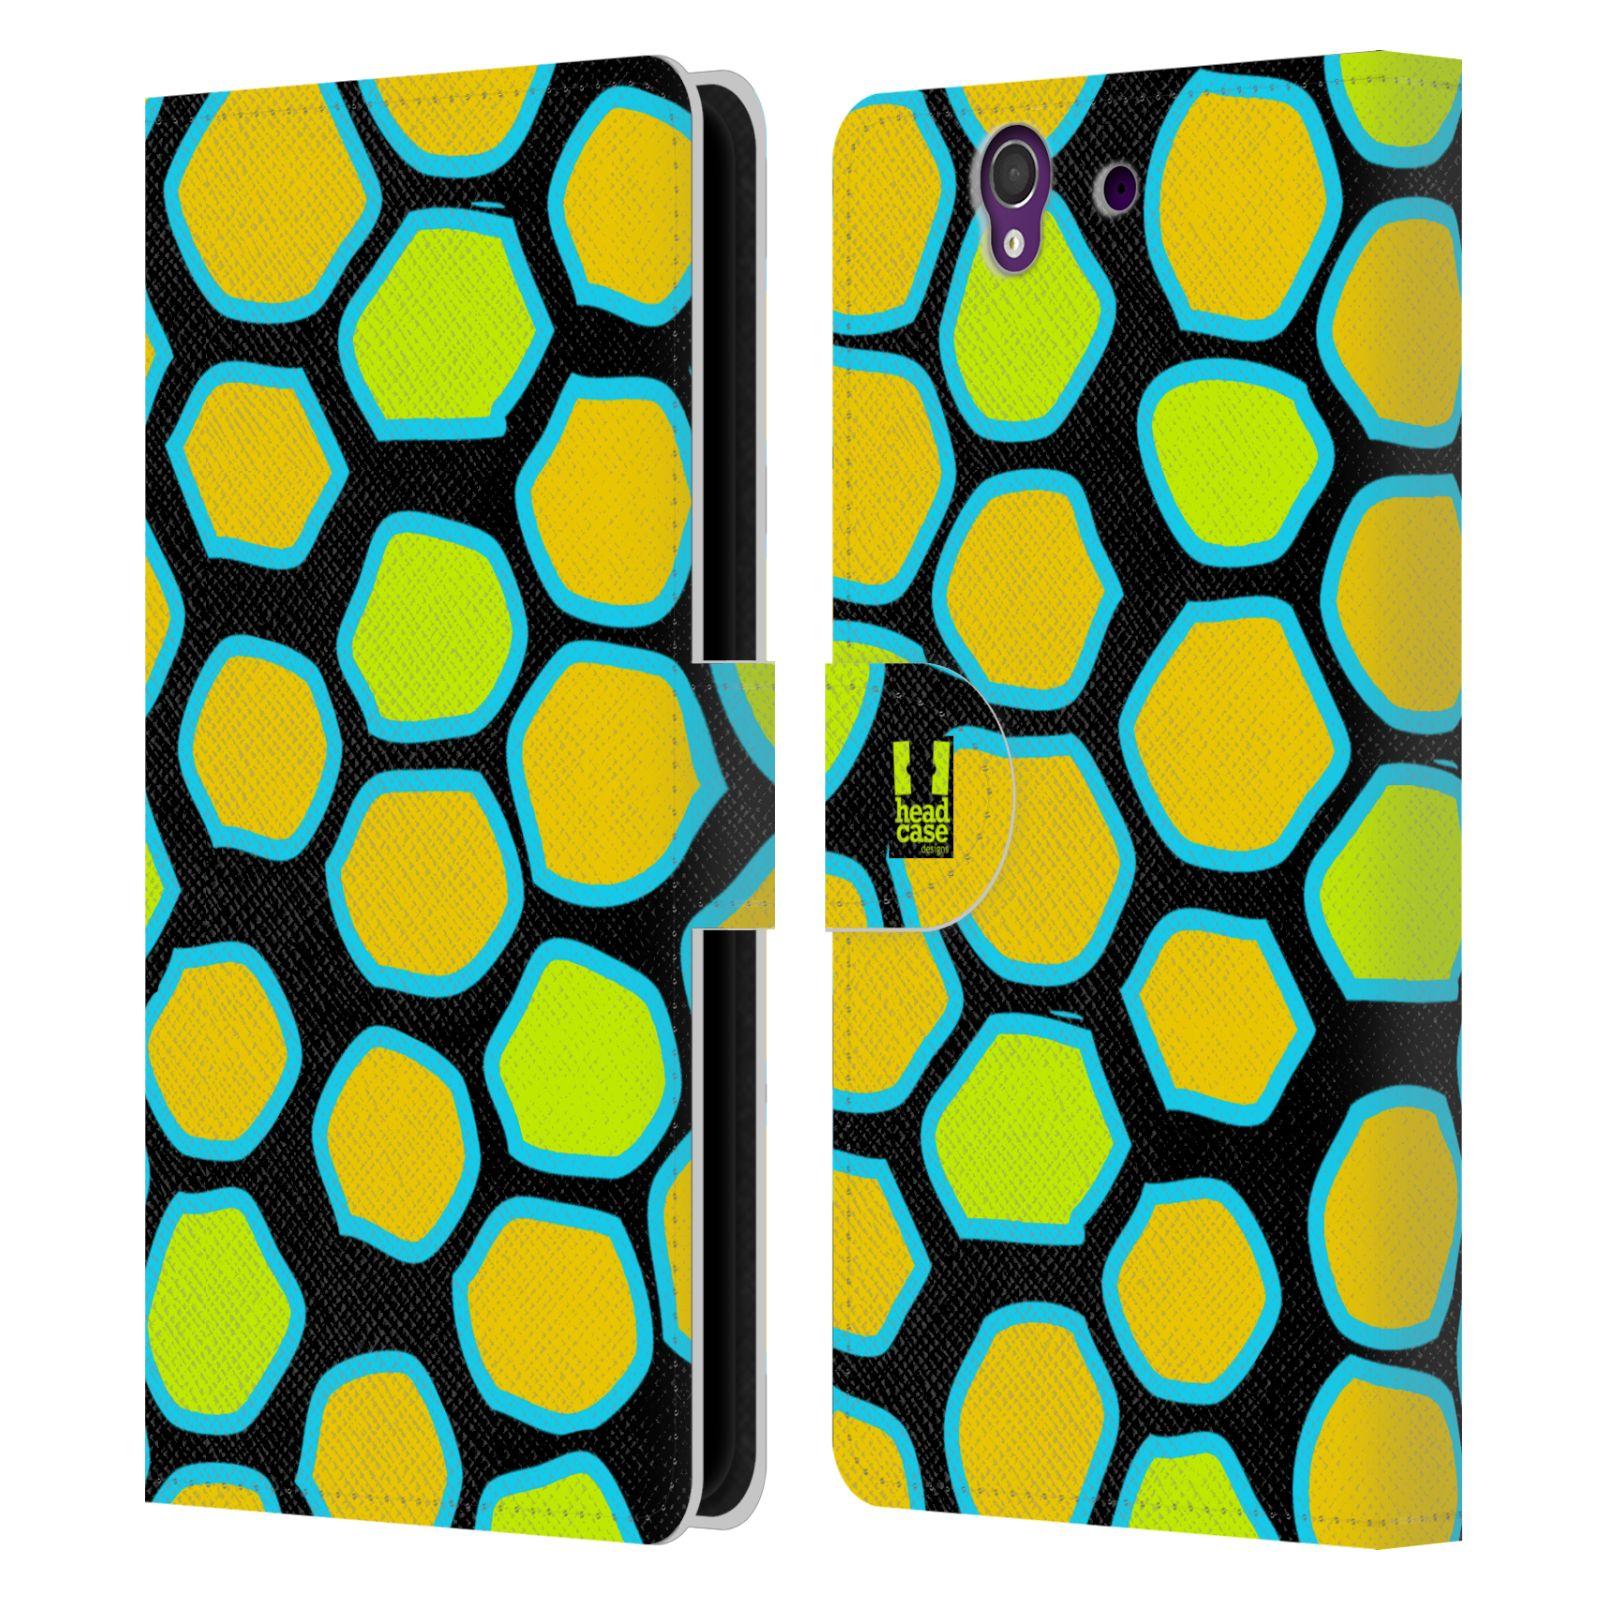 HEAD CASE Flipové pouzdro pro mobil SONY XPERIA Z (C6603) Zvířecí barevné vzory žlutý had